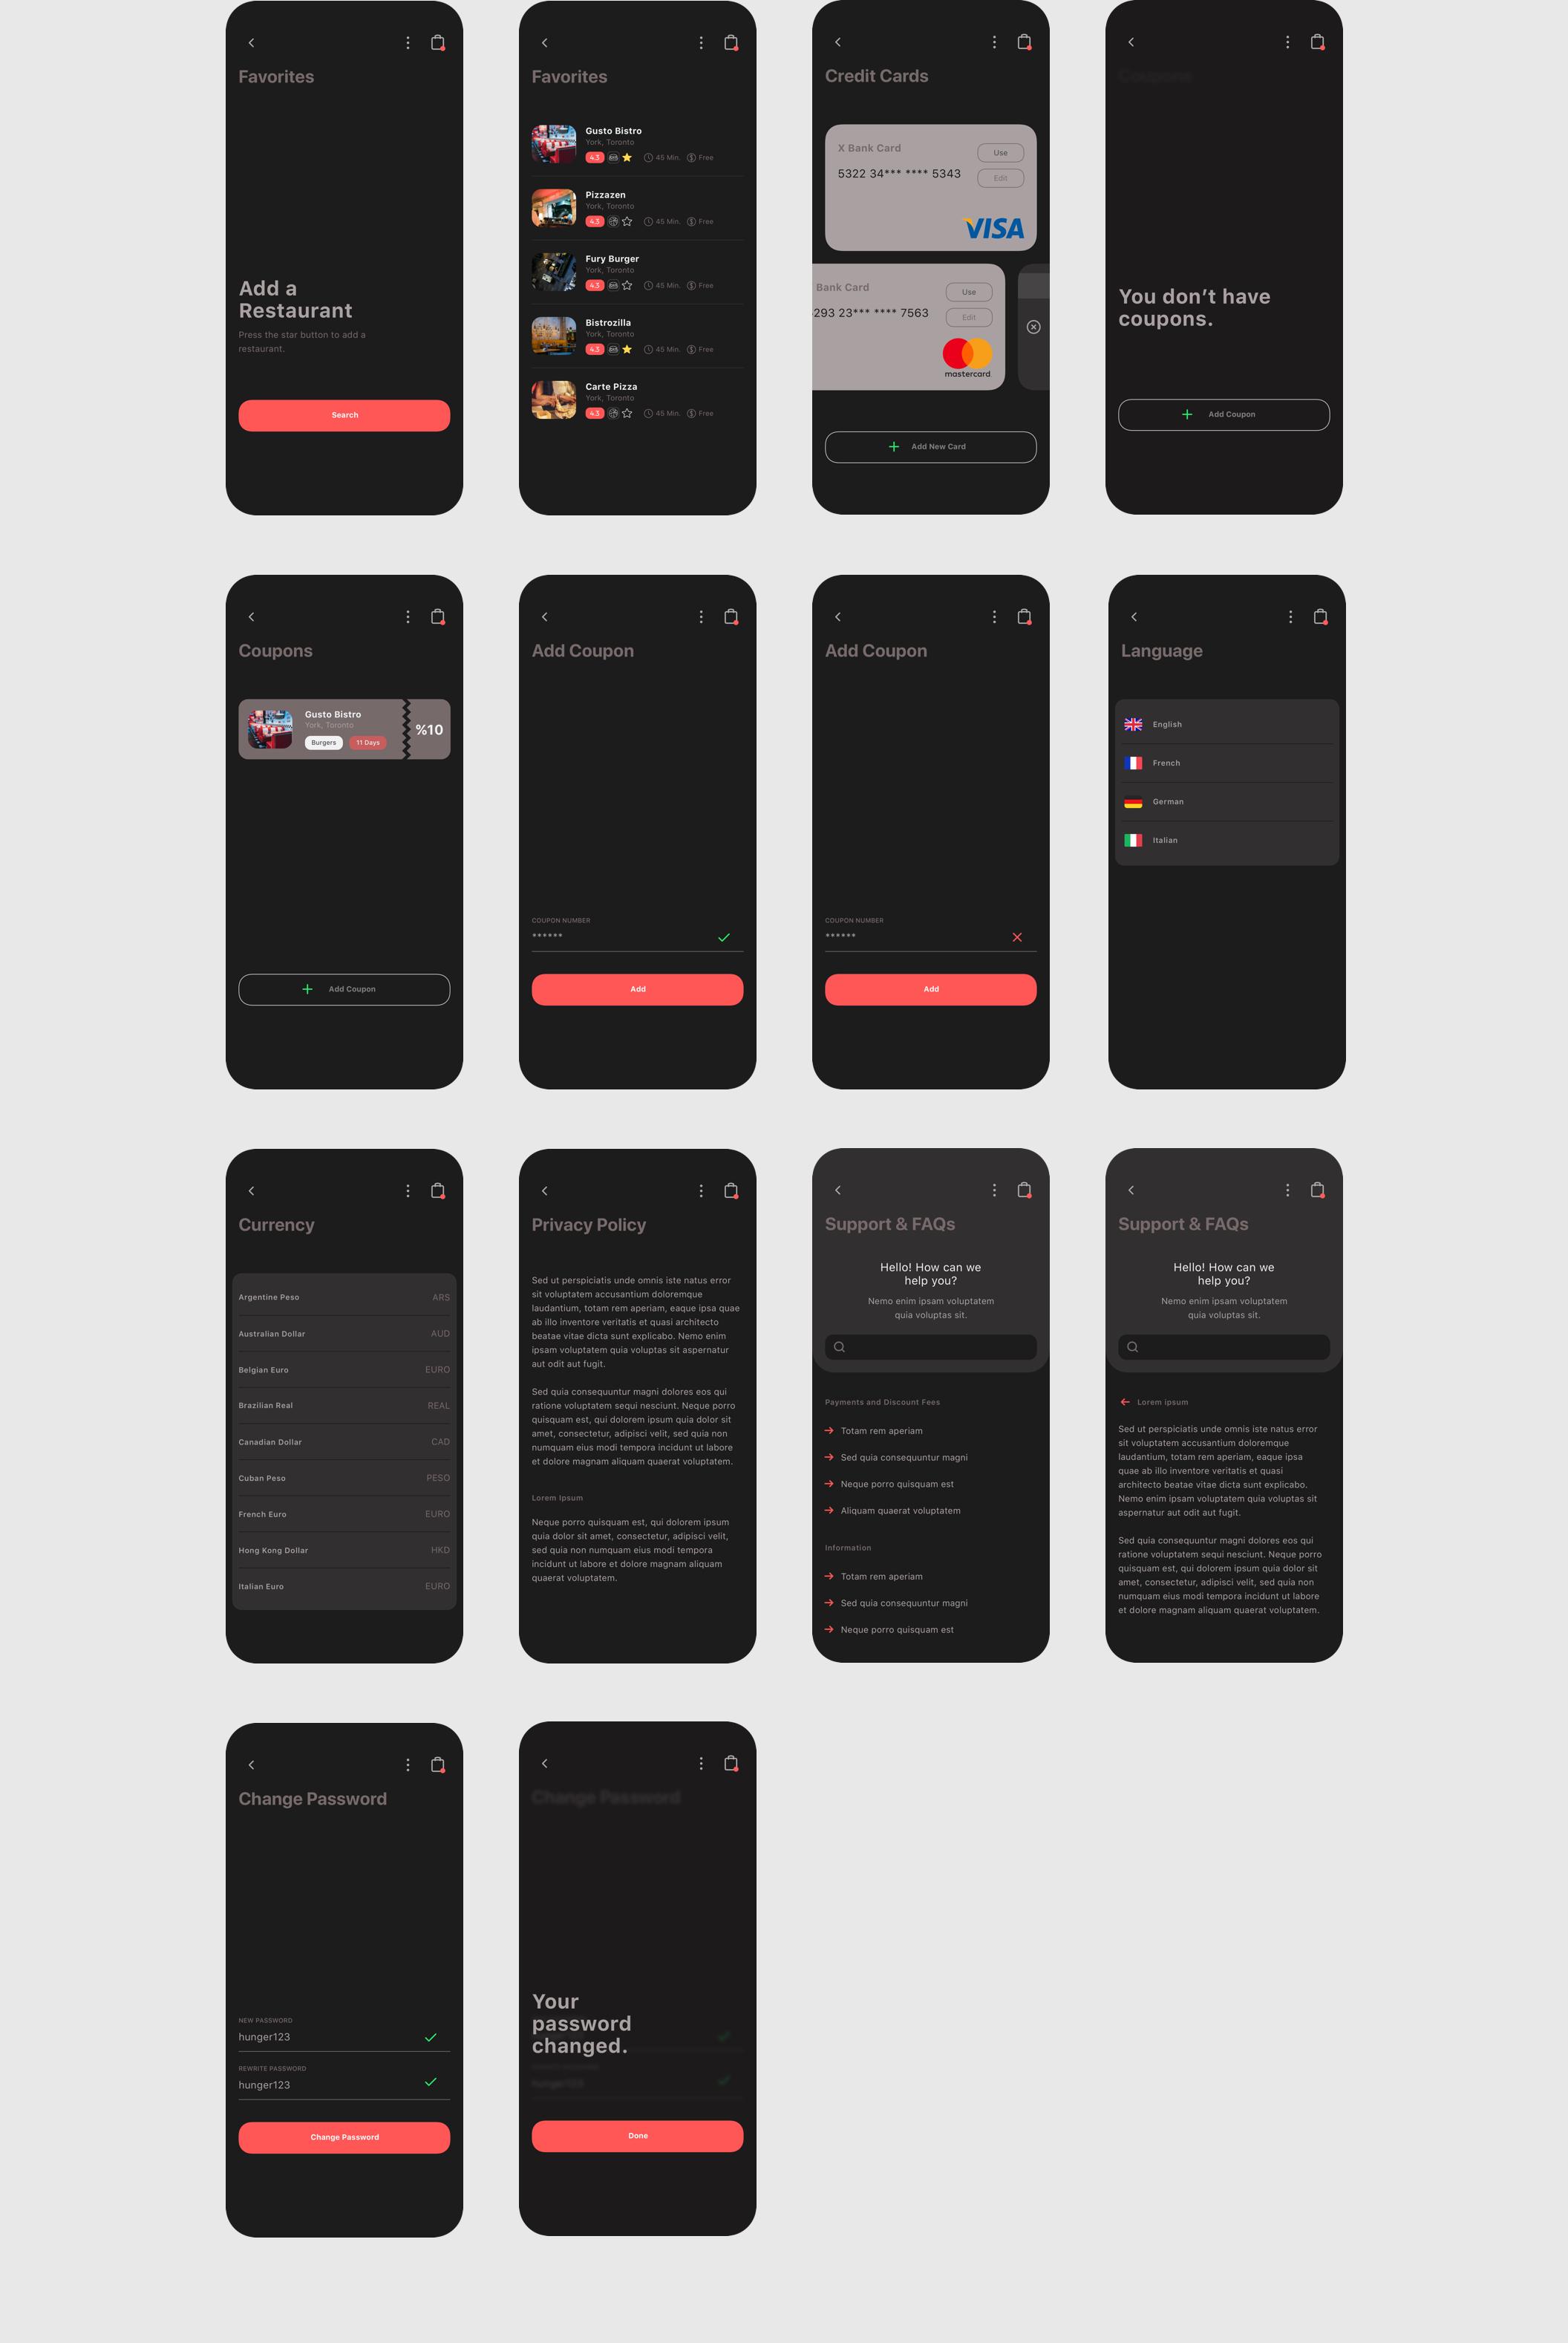 食品外卖配送服务移动应用APP界面设计UI套件 Spes Dark Food Delivery App UI Kit插图(13)